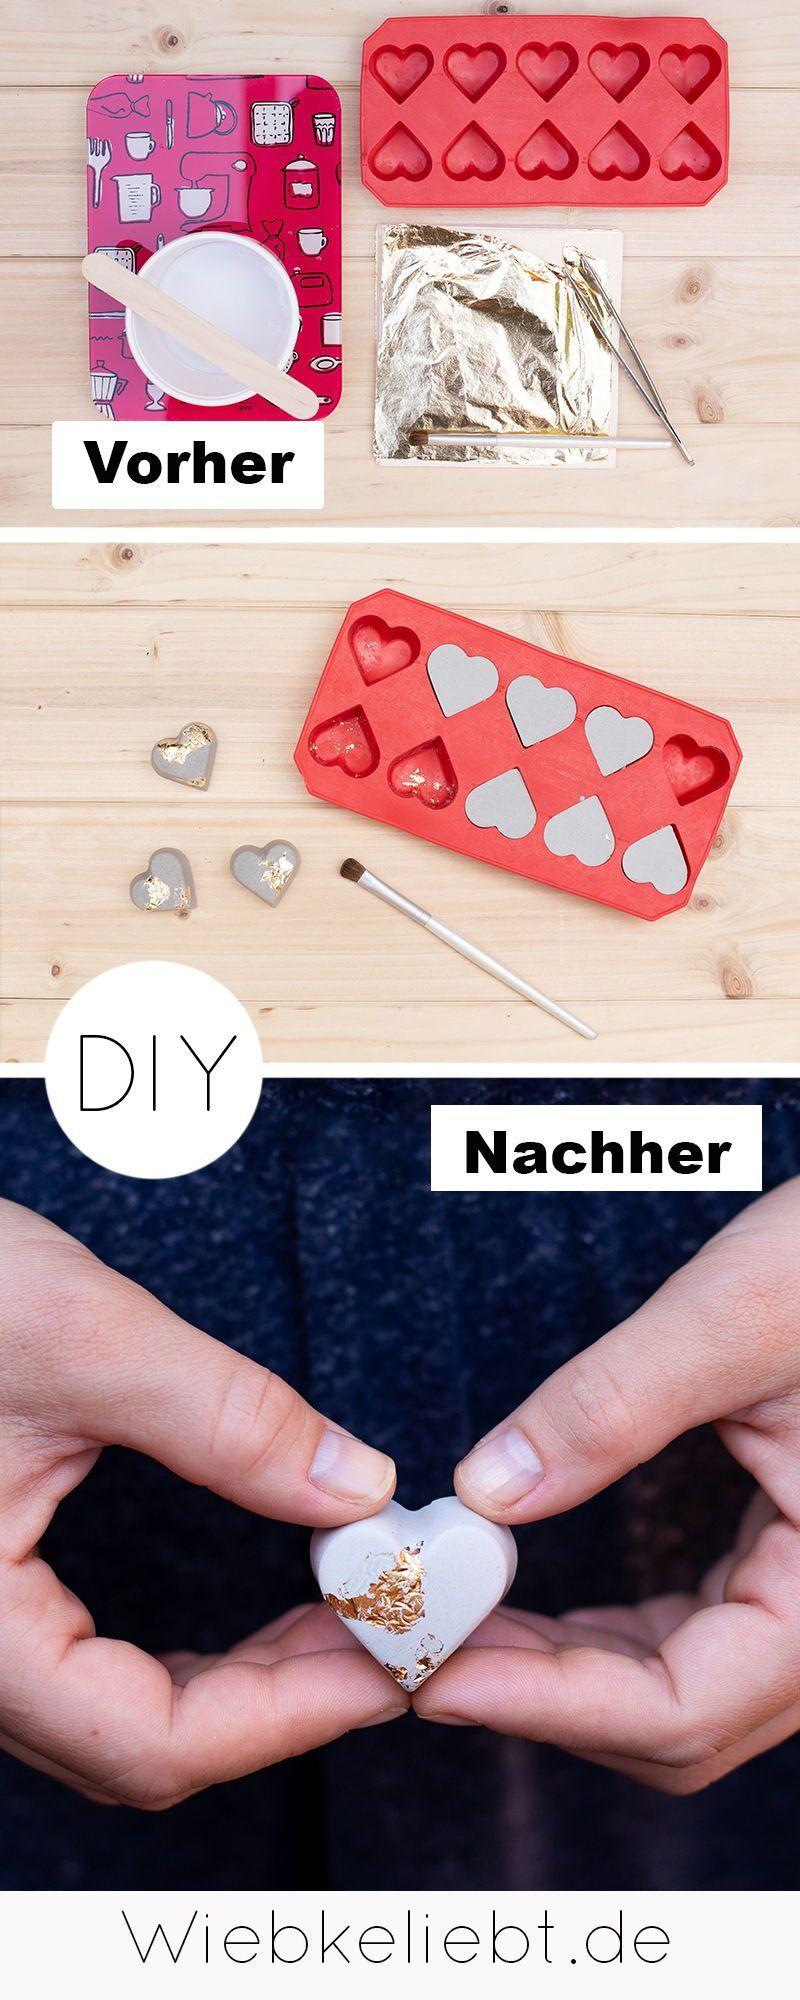 DIY Beton Herzen mit Blattgold – Tischdeko zur Hochzeit | DIY Blog | Do-it-yourself Anleitungen zum